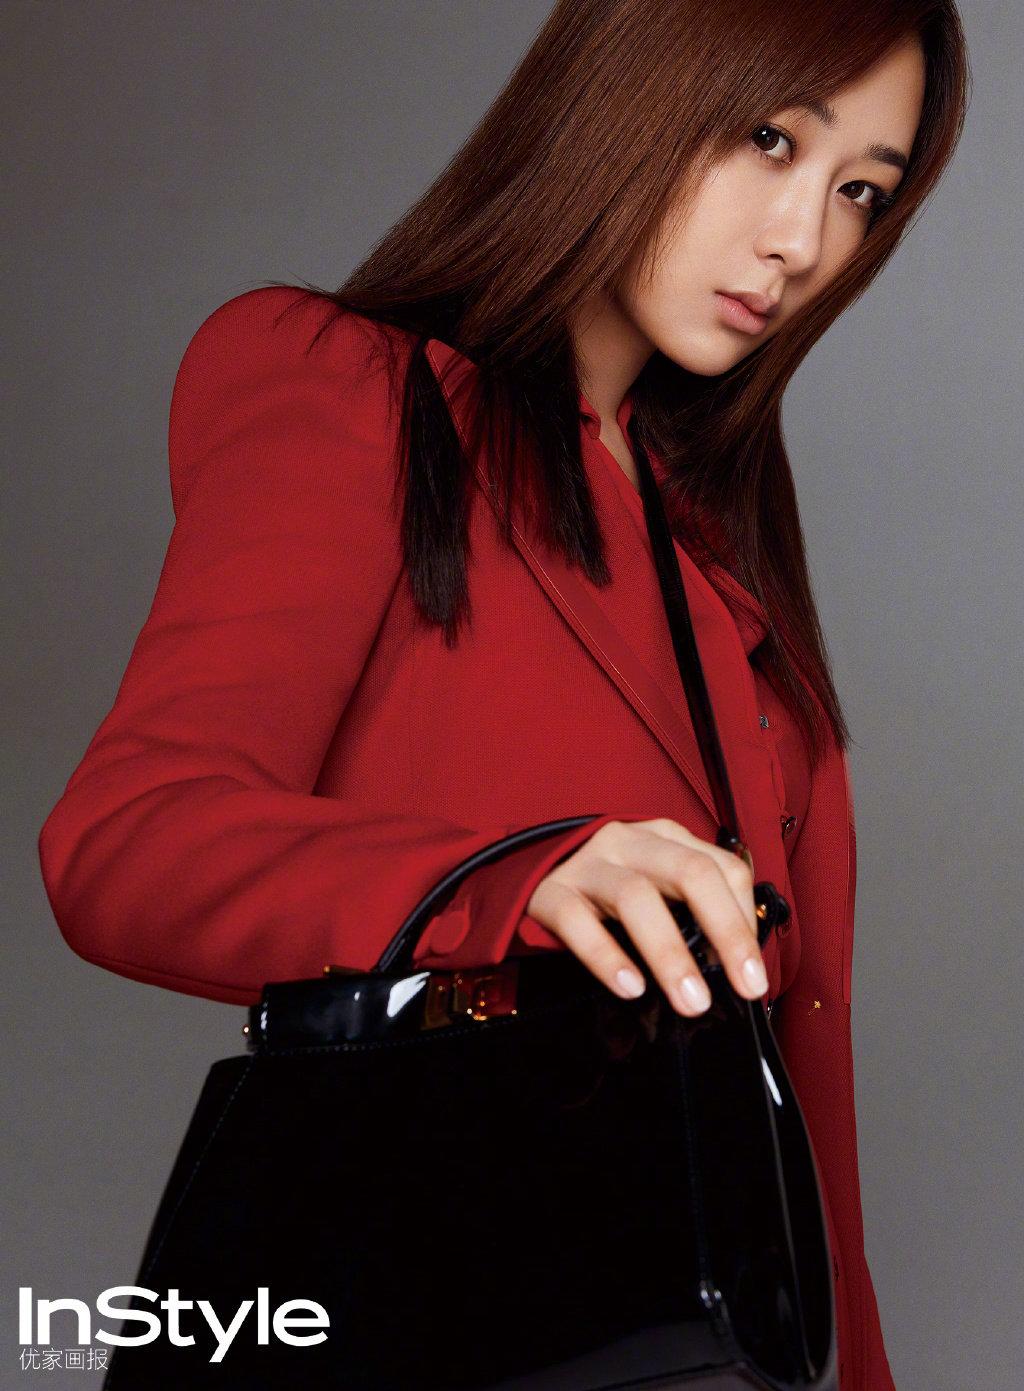 杨紫、辛芷蕾同登杂志周年刊,相似的造型下谁的表现更时尚?